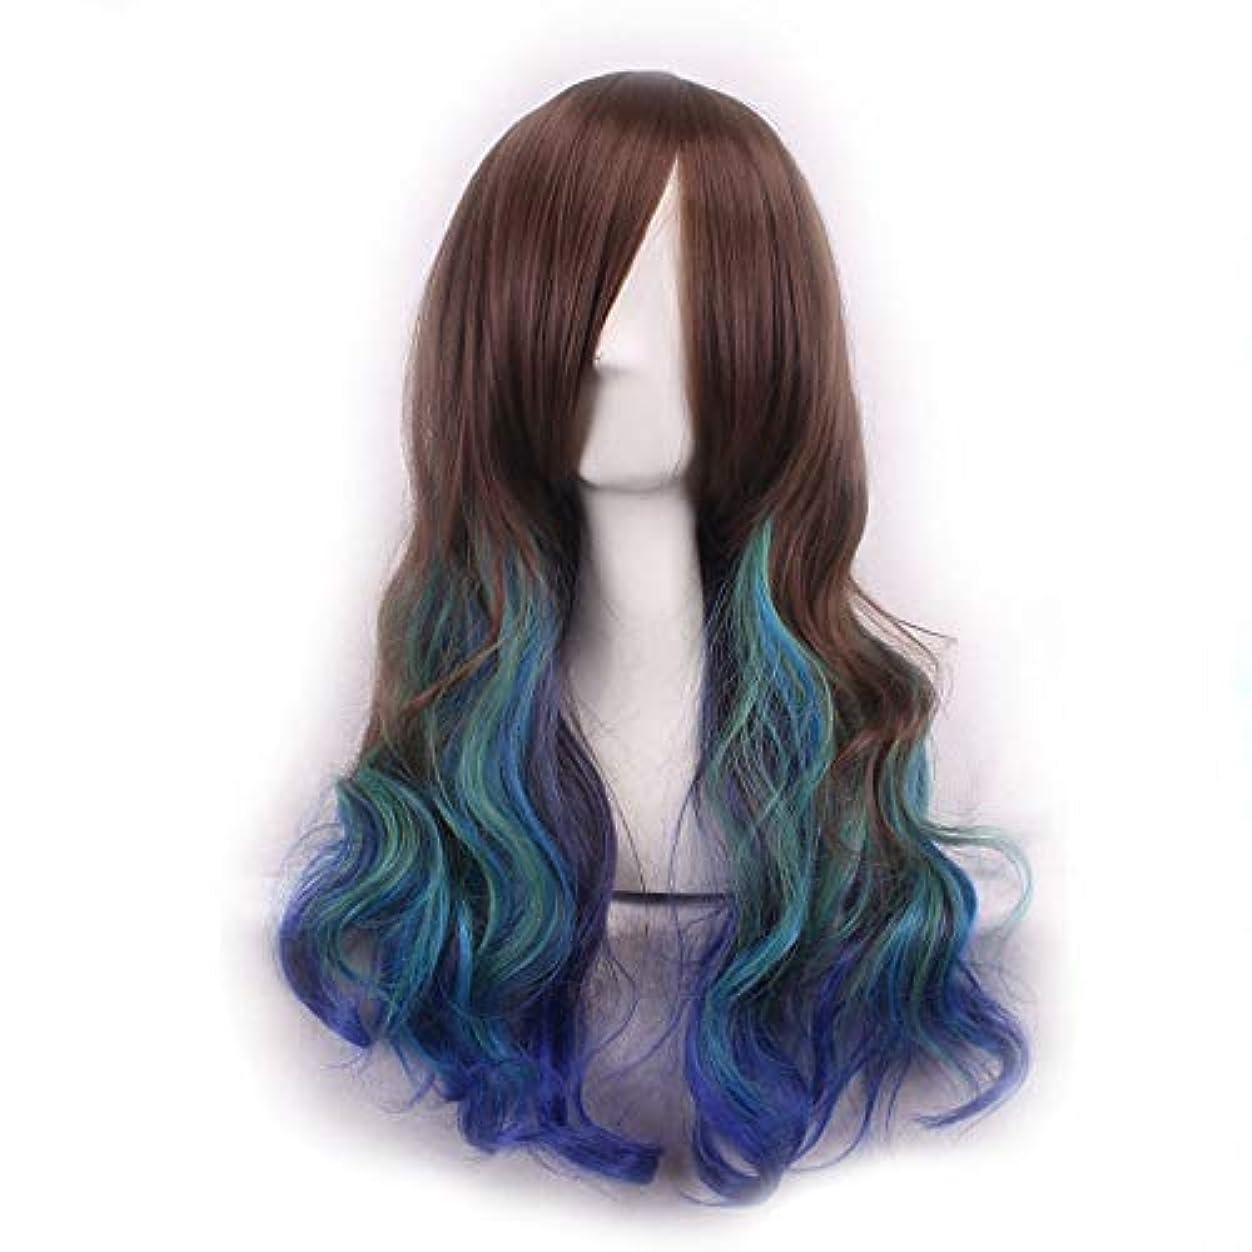 欲求不満形冷笑するかつらキャップでかつらファンシードレスカールかつら女性用高品質合成毛髪コスプレ高密度かつら女性&女の子ブルー、レッド (Color : 青)